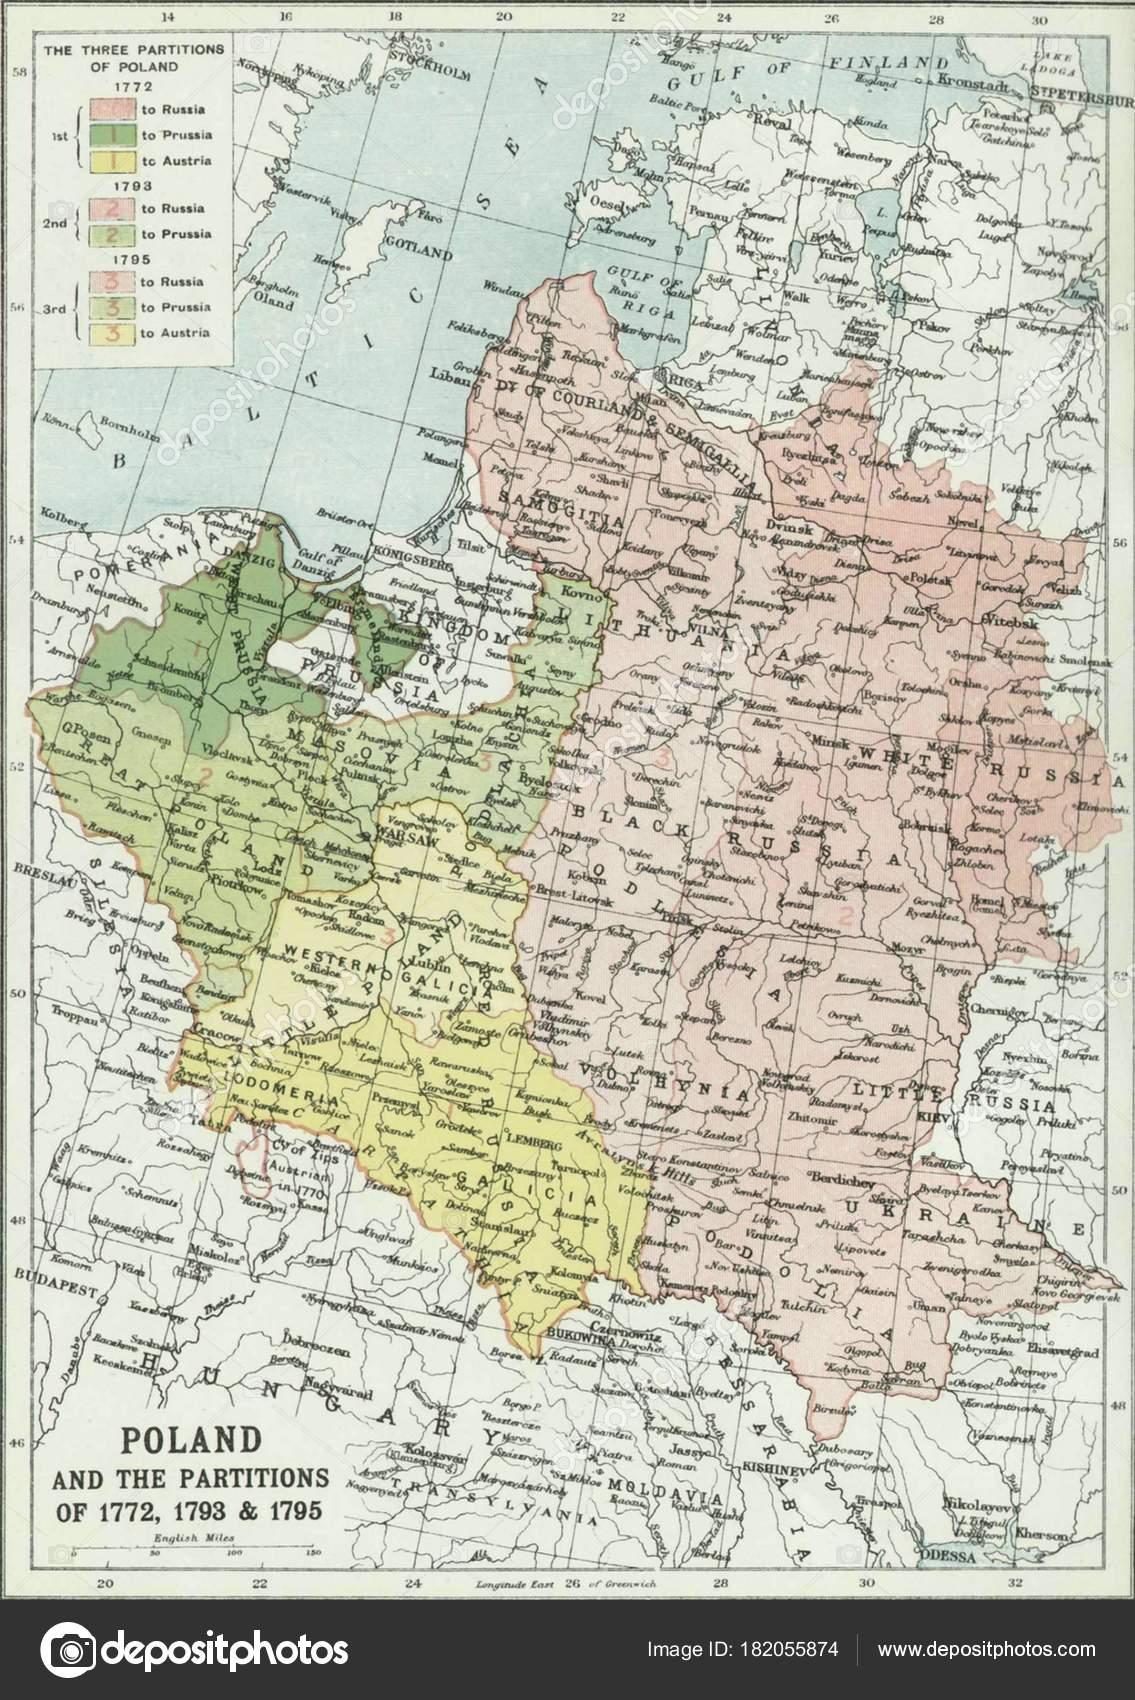 Карта Польши и перегородок 1772, 1793 и 1795– Стоковая редакционная  фотография